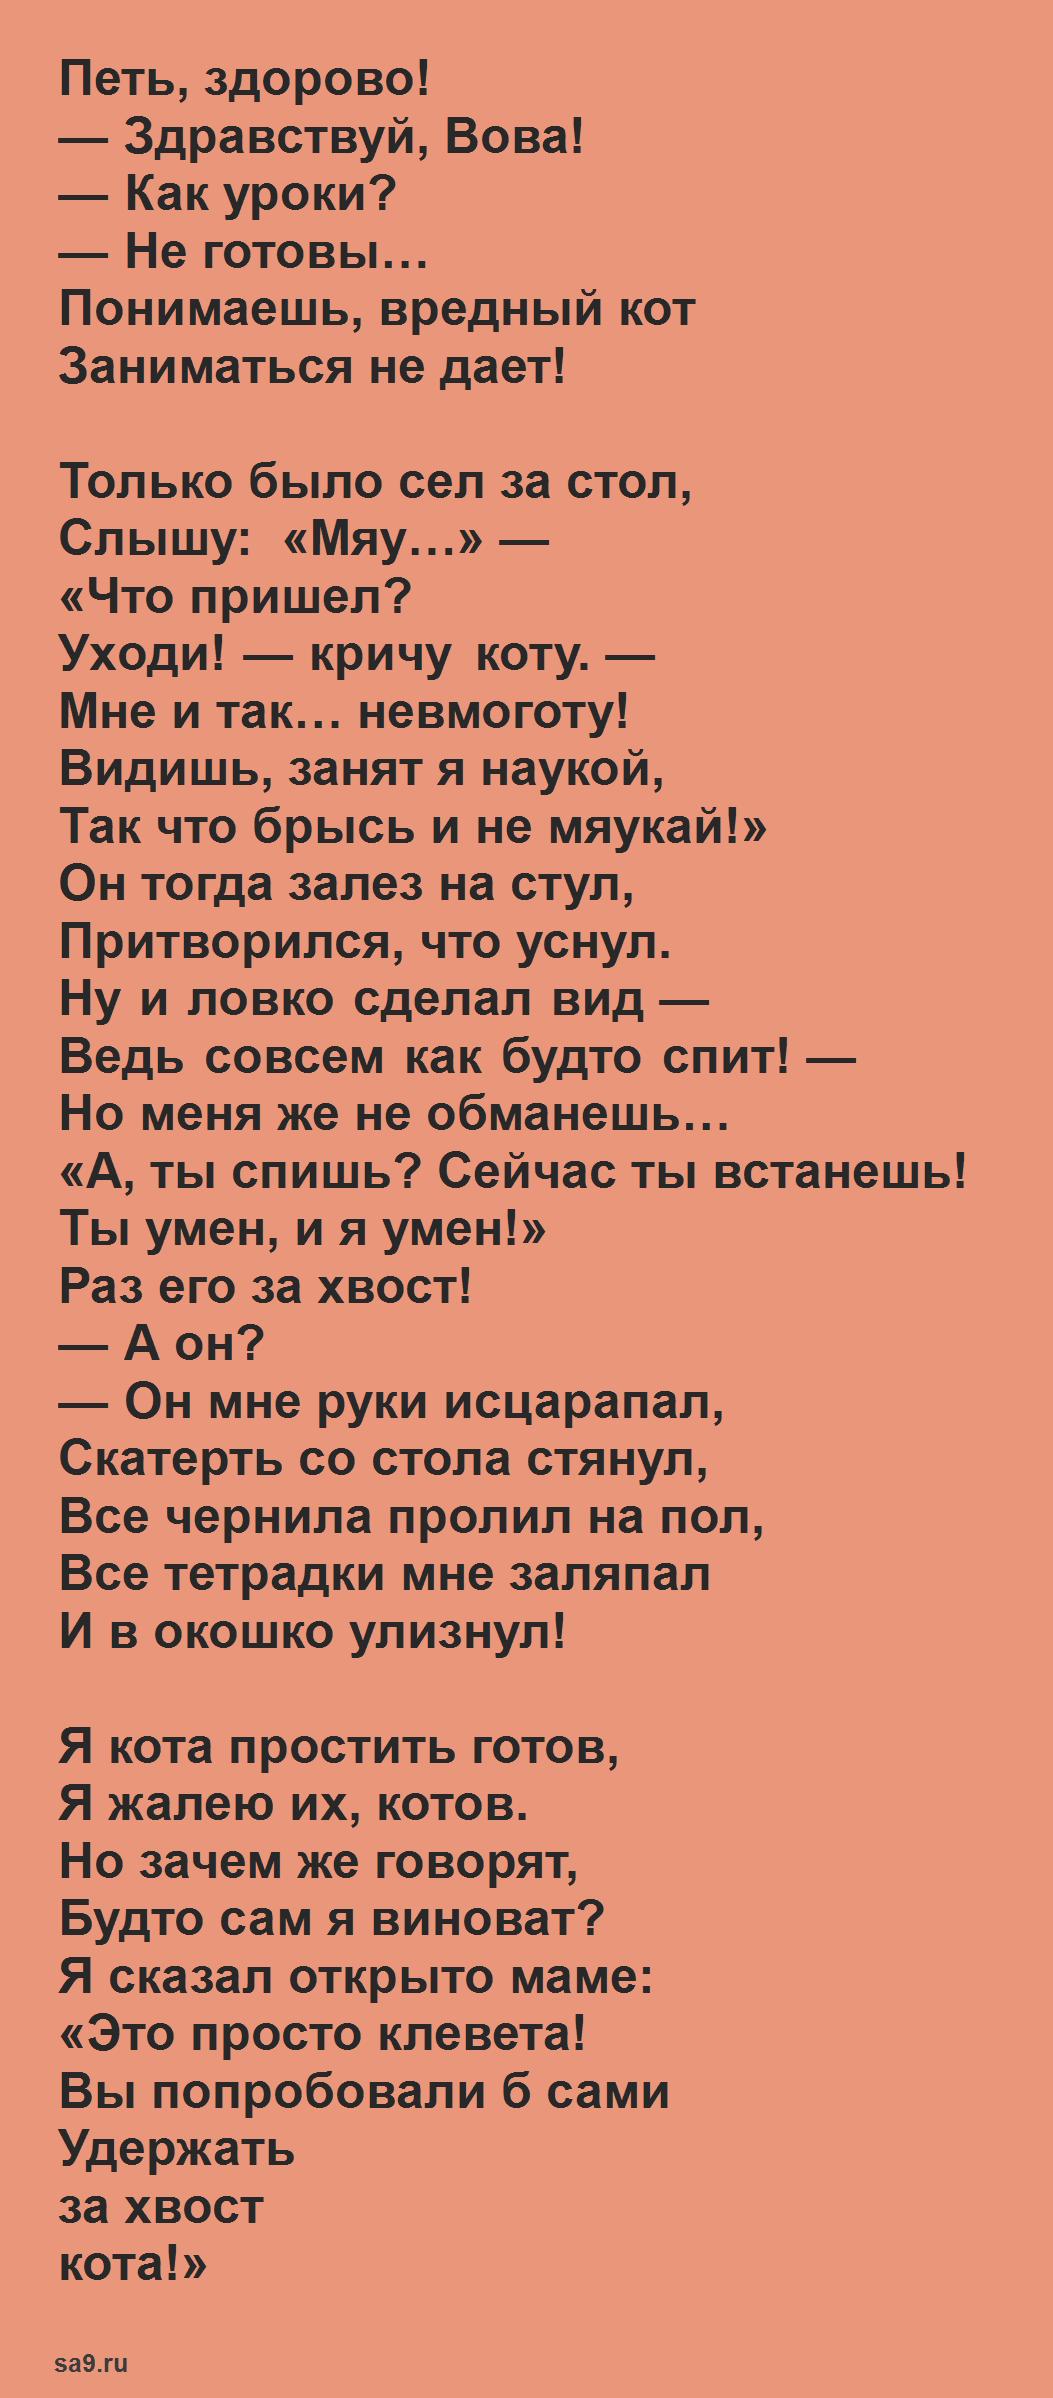 Веселые стихи Заходера - Вредный кот